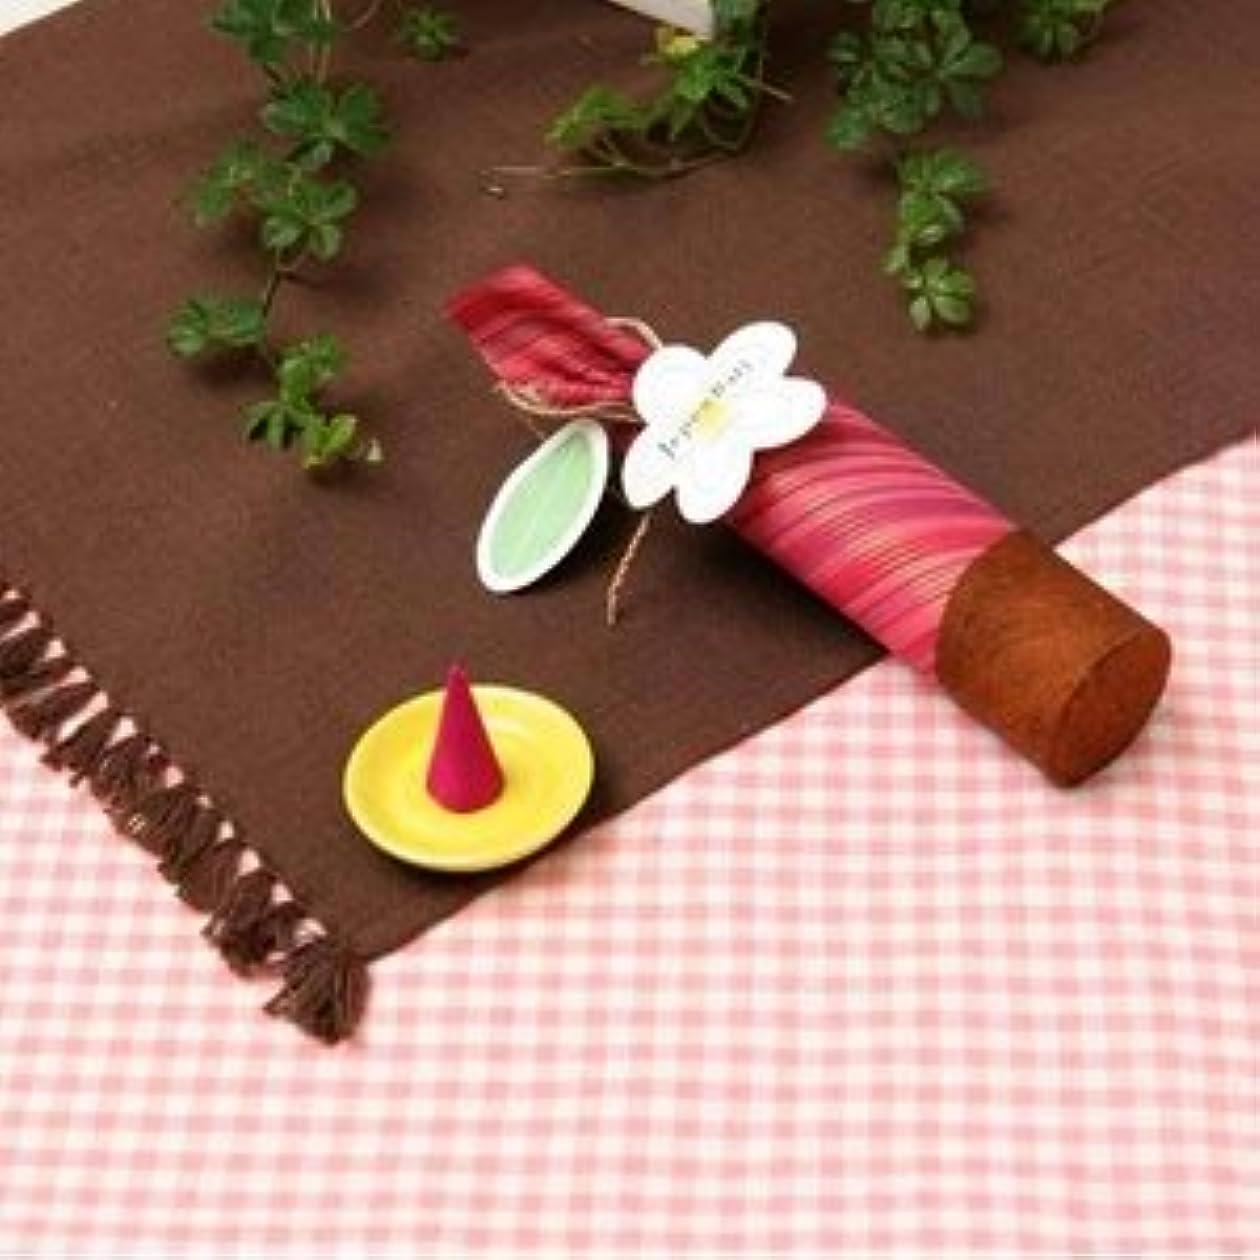 管理するマングル与えるお香/インセンス 【桜の香り コーンタイプ10個入り】 バリ島製 「Jupen Bari ジュプンバリ」